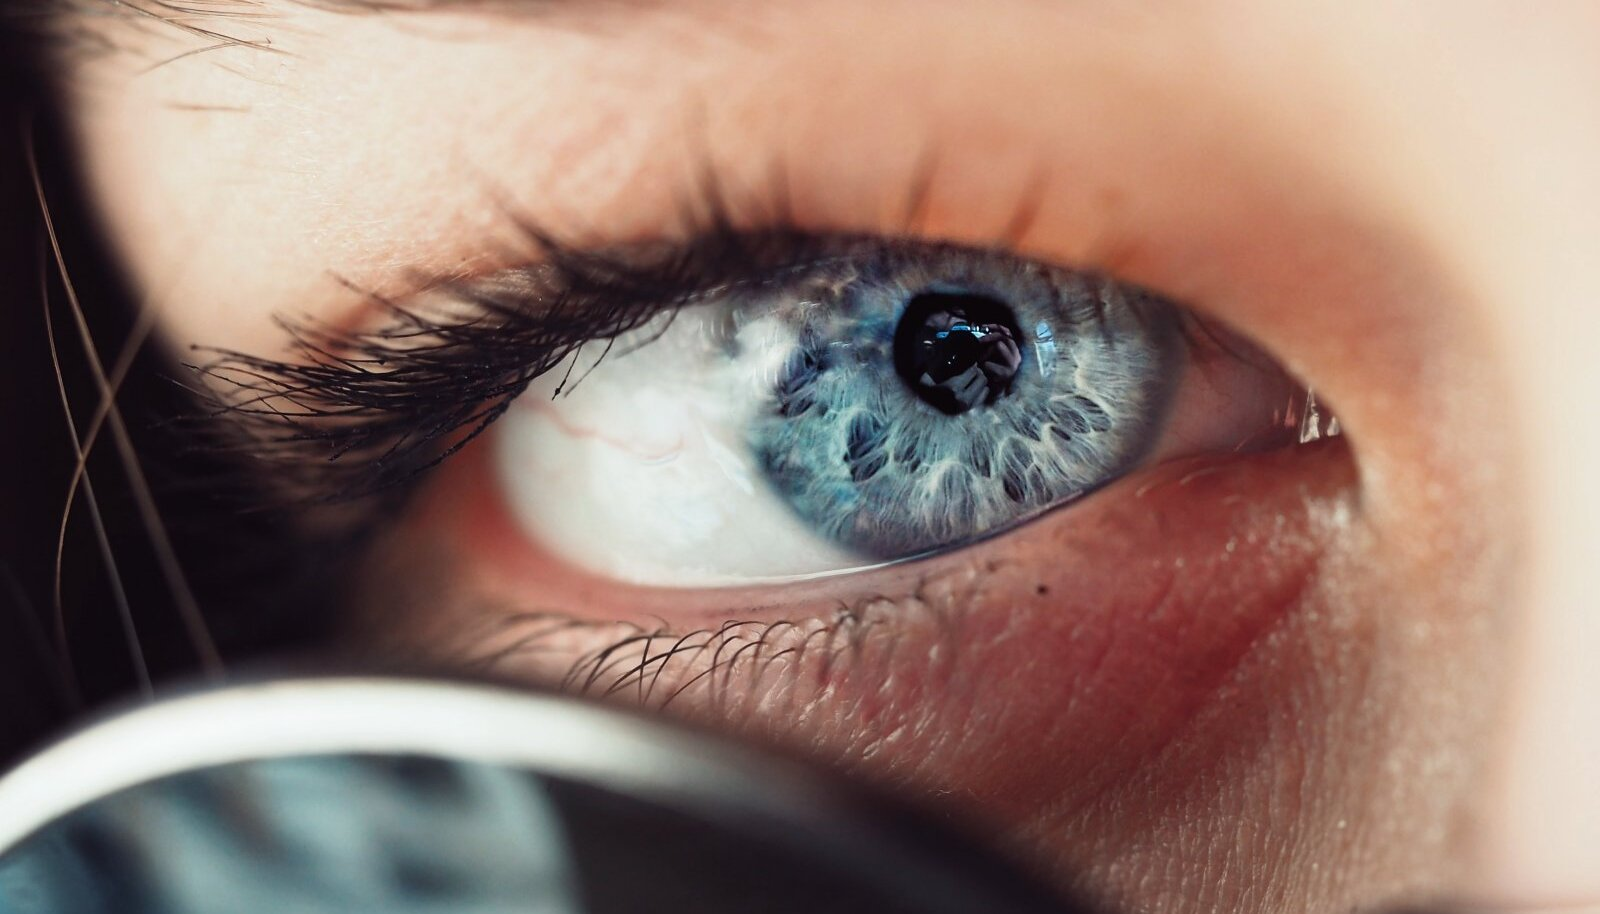 72 protsenti inimestest arvab, et prillid muudavad inimese välimuse intelligentsemaks ja hästi sobides ka nooremaks, 65 protsendi arvates on prillide kandmine moes.